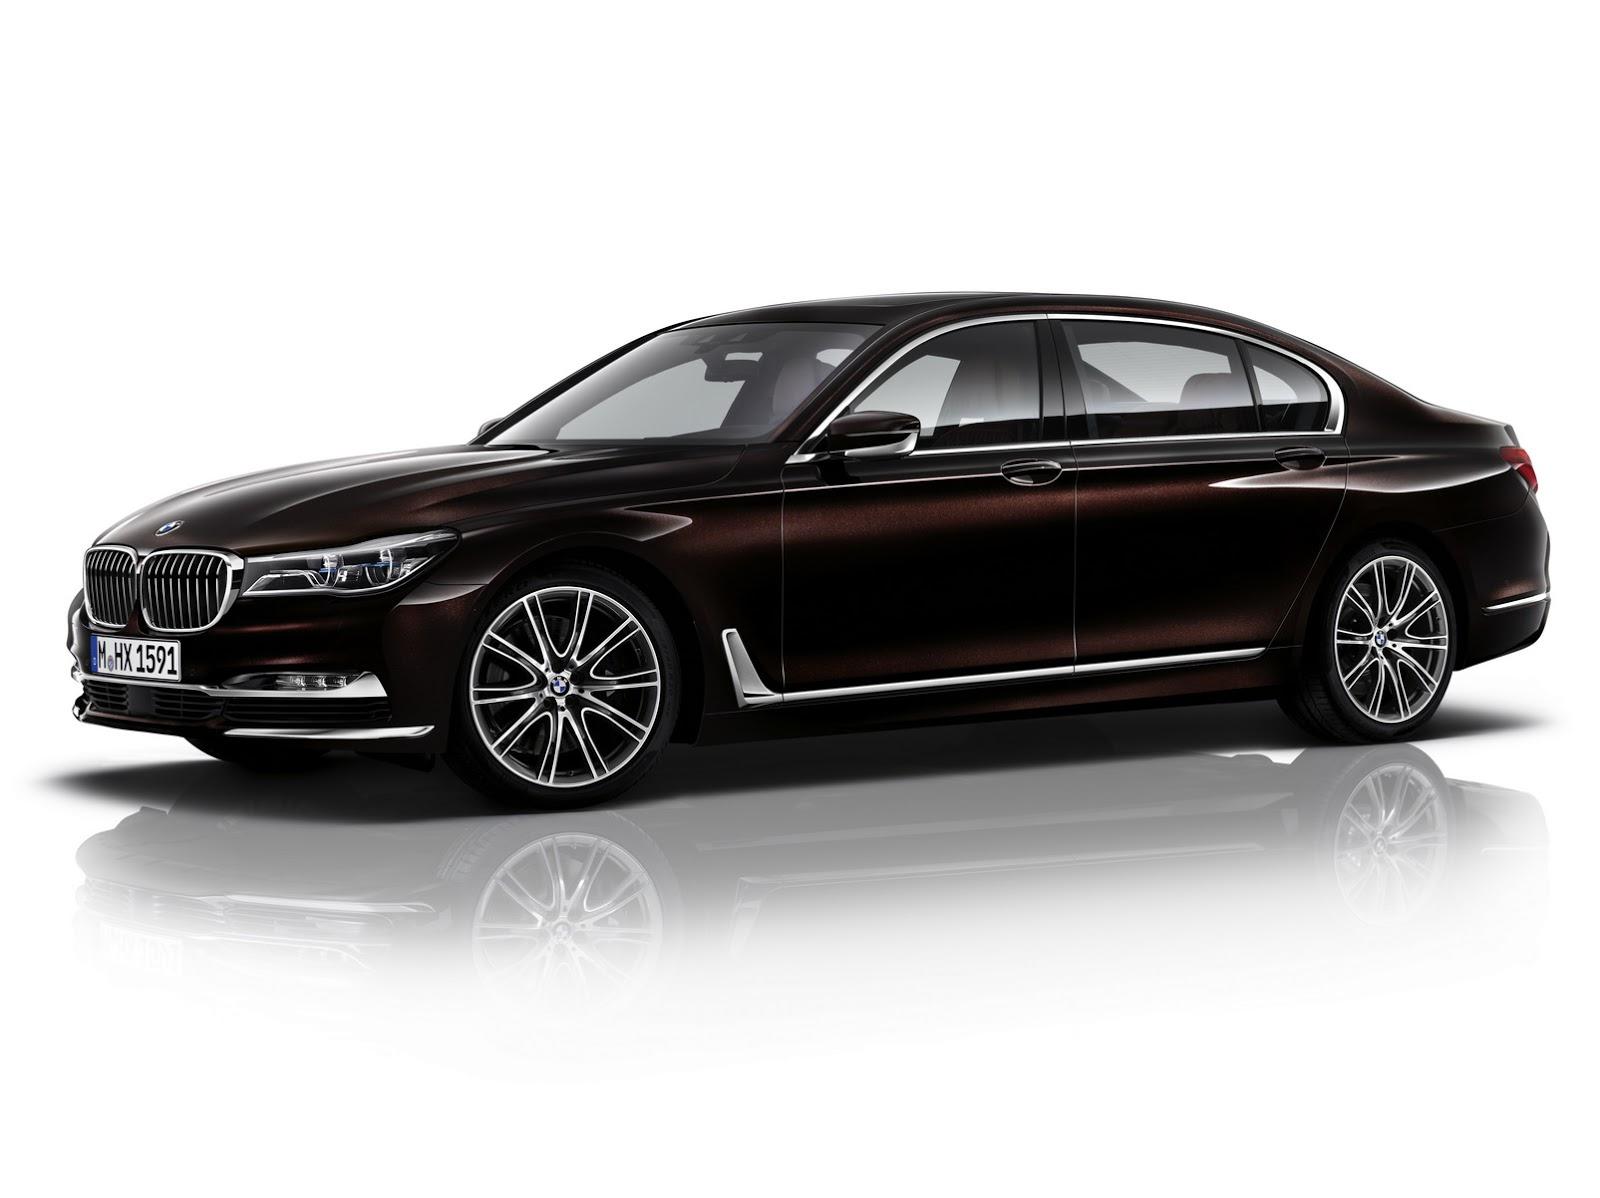 2016-BMW-7-Series-New59 புதிய பிஎம்டபிள்யூ 7 சீரிஸ் அறிமுகம்